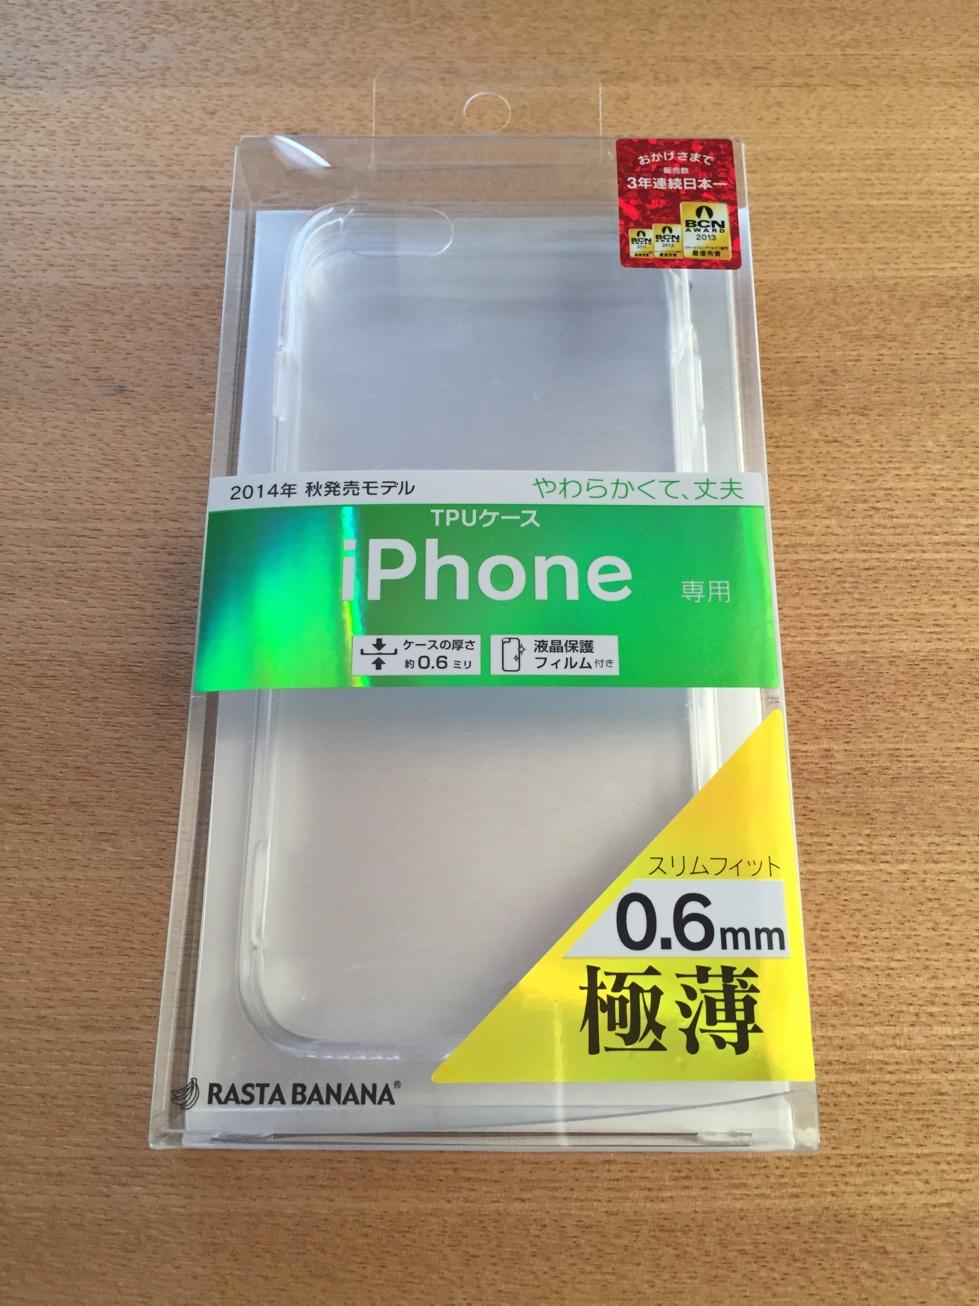 とりあえずで買ったラスタバナナ製の薄型透明なiPhone6用ケースがけっこう良かった件について